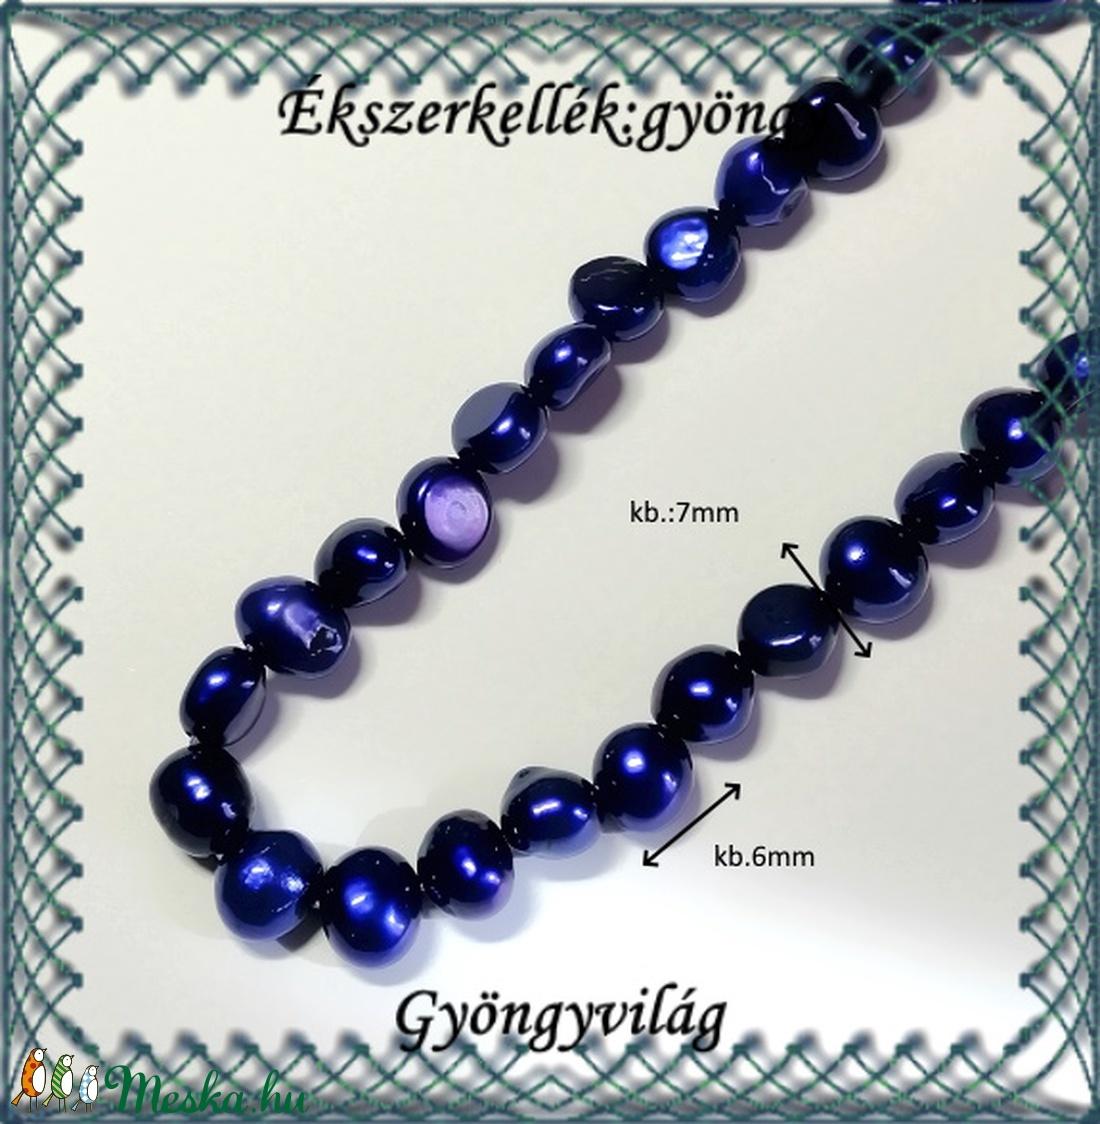 Ékszerkellék: igazgyöngy fűzér GYI-O 02 6mm kék - gyöngy, ékszerkellék - igazgyöngy - Meska.hu